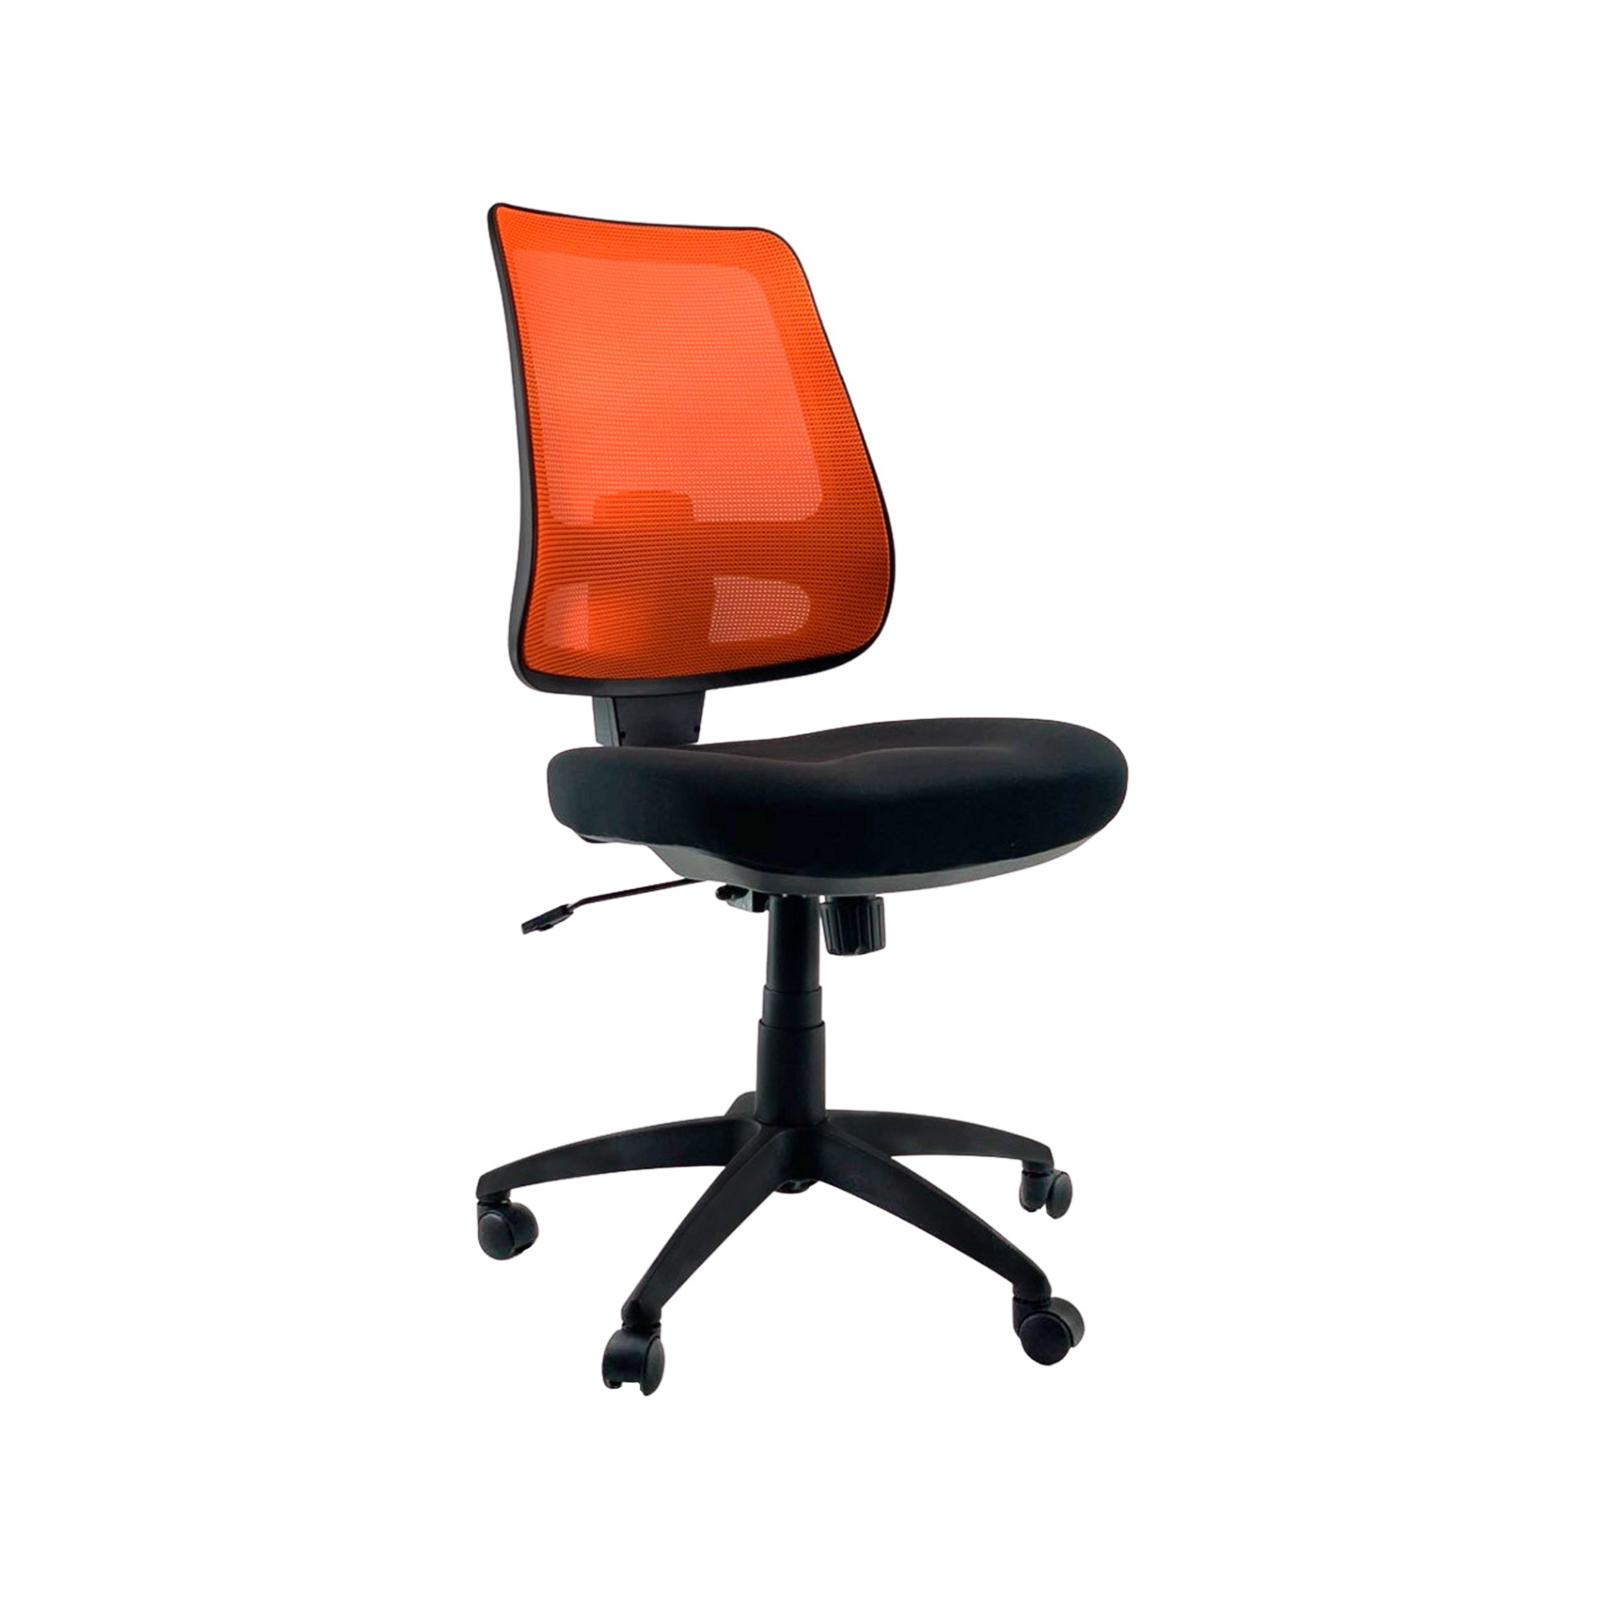 Glenelg Orange High Back Office Chair